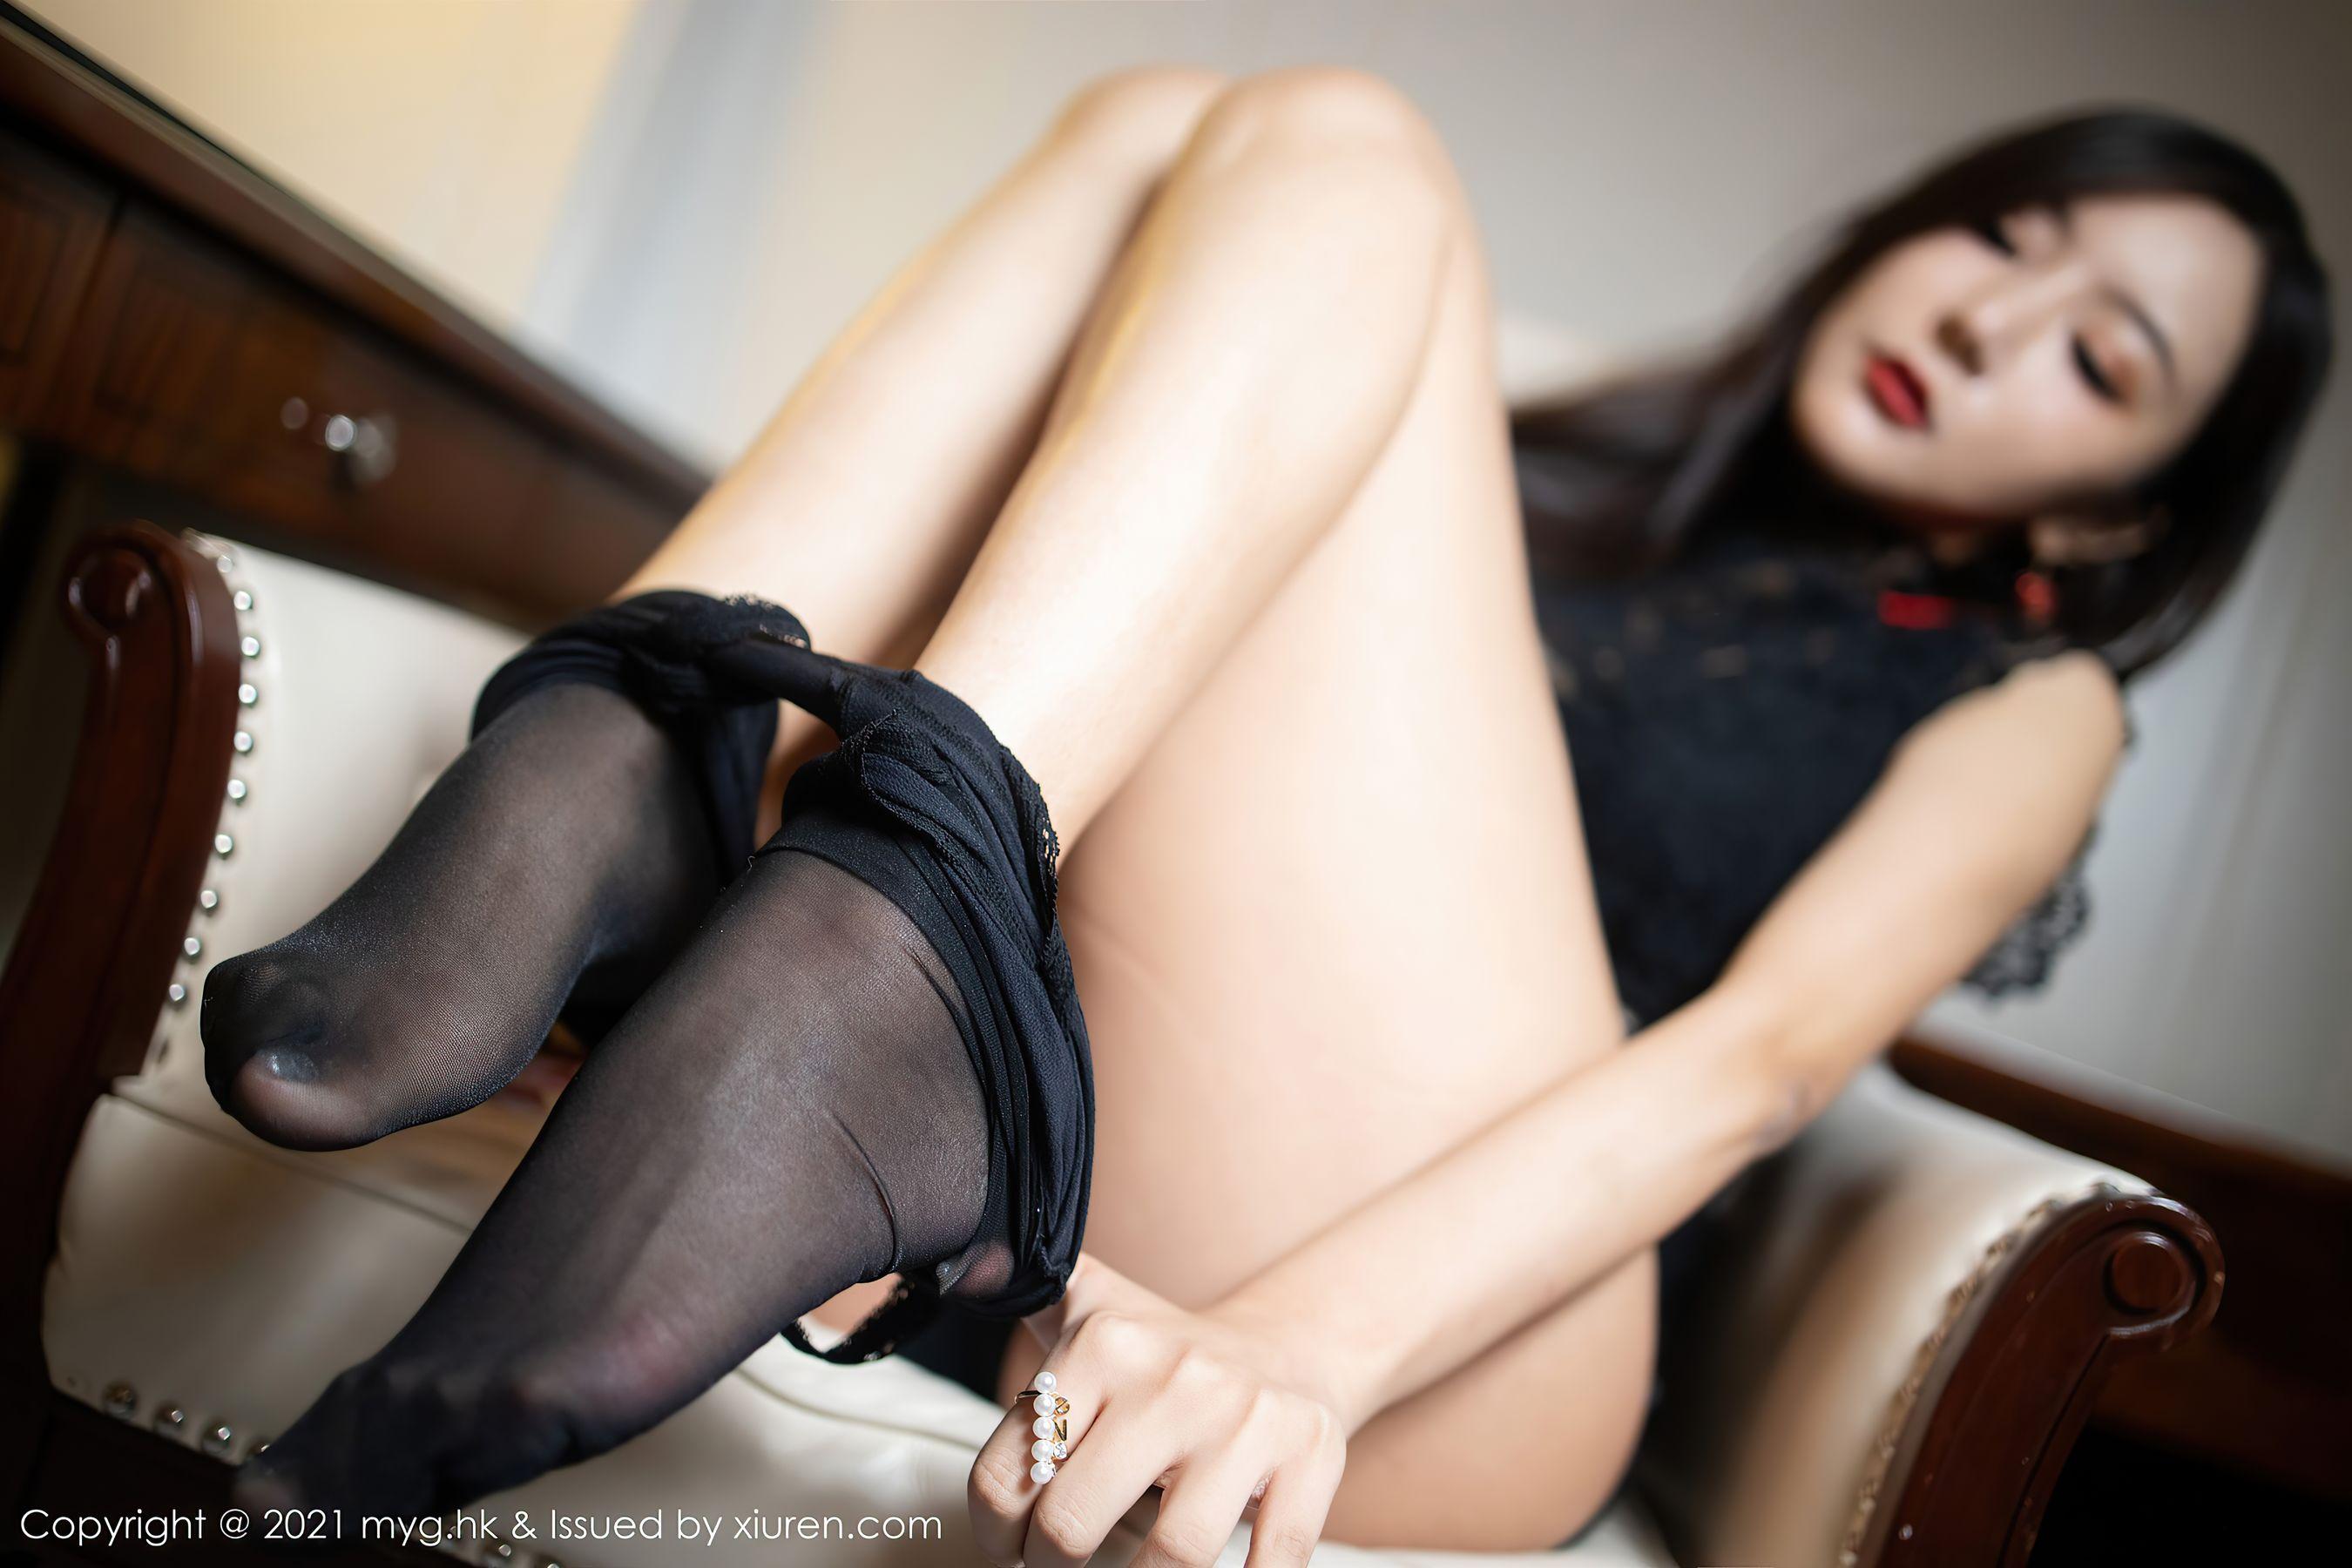 [美媛館MyGirl] Vol.546 王馨瑤yanni – 魅惑動人的黑色蕾絲镂空服飾 - 貼圖 - 清涼寫真 -